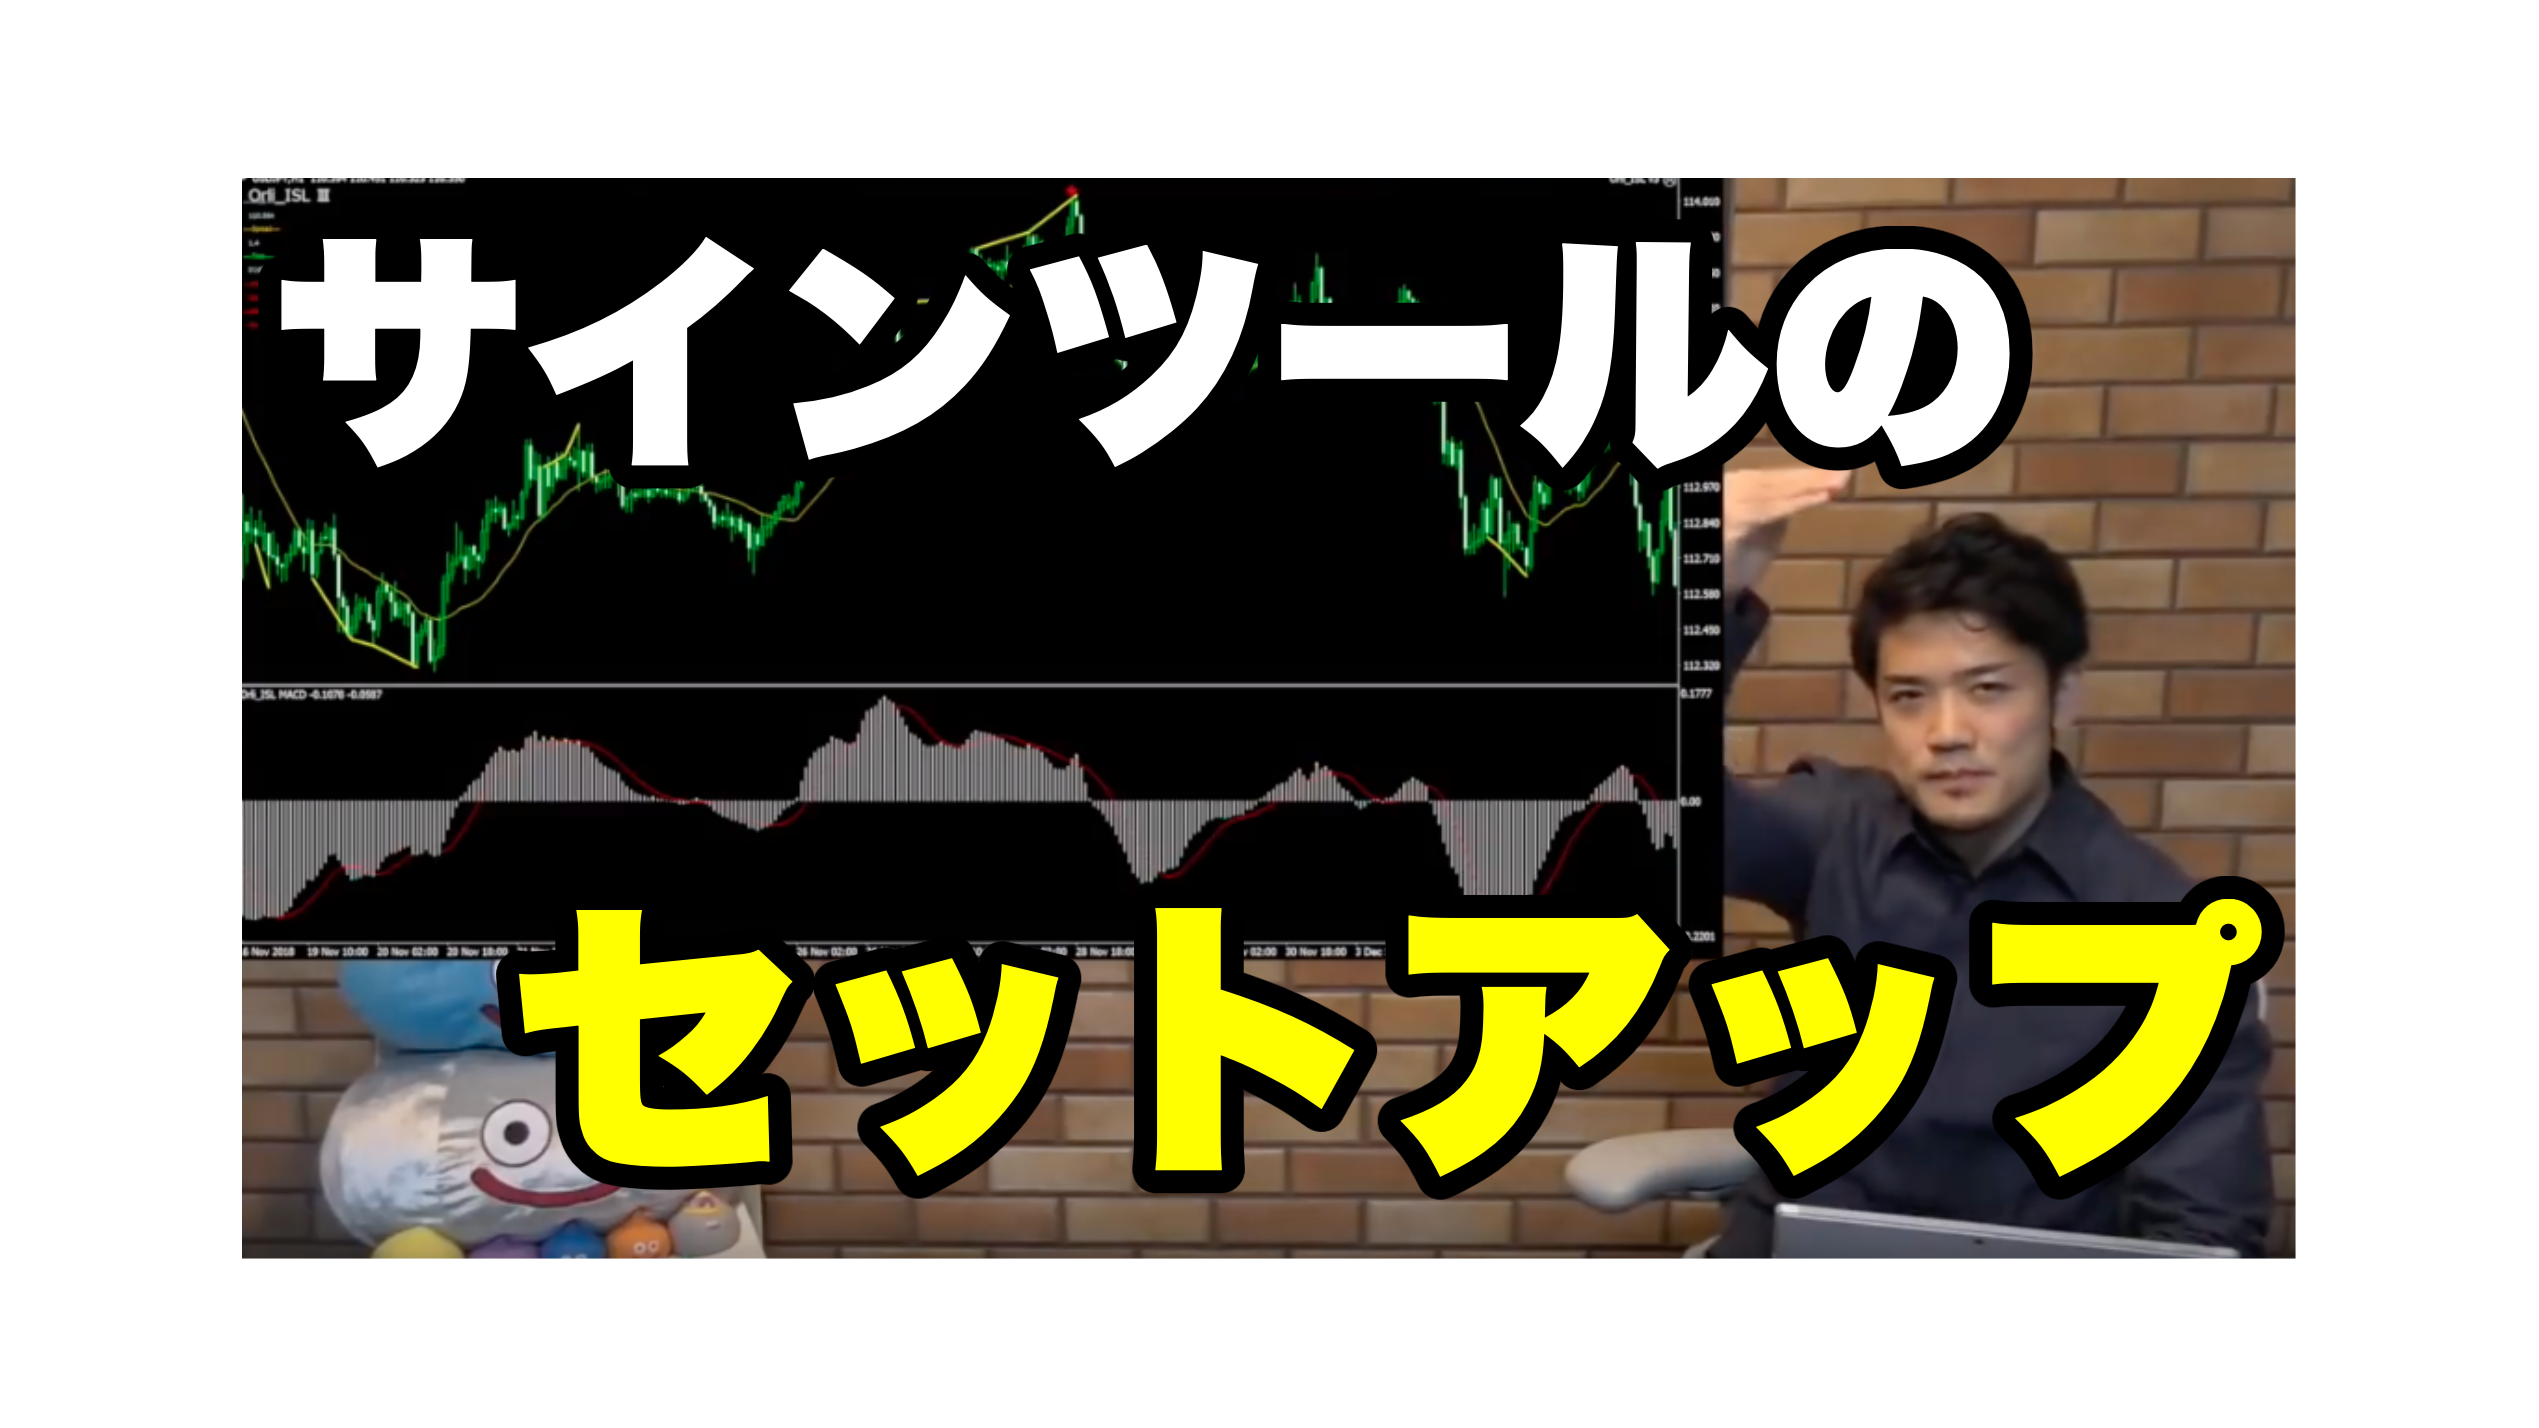 【オーリーアイランド3】の簡単セットアップ方法!